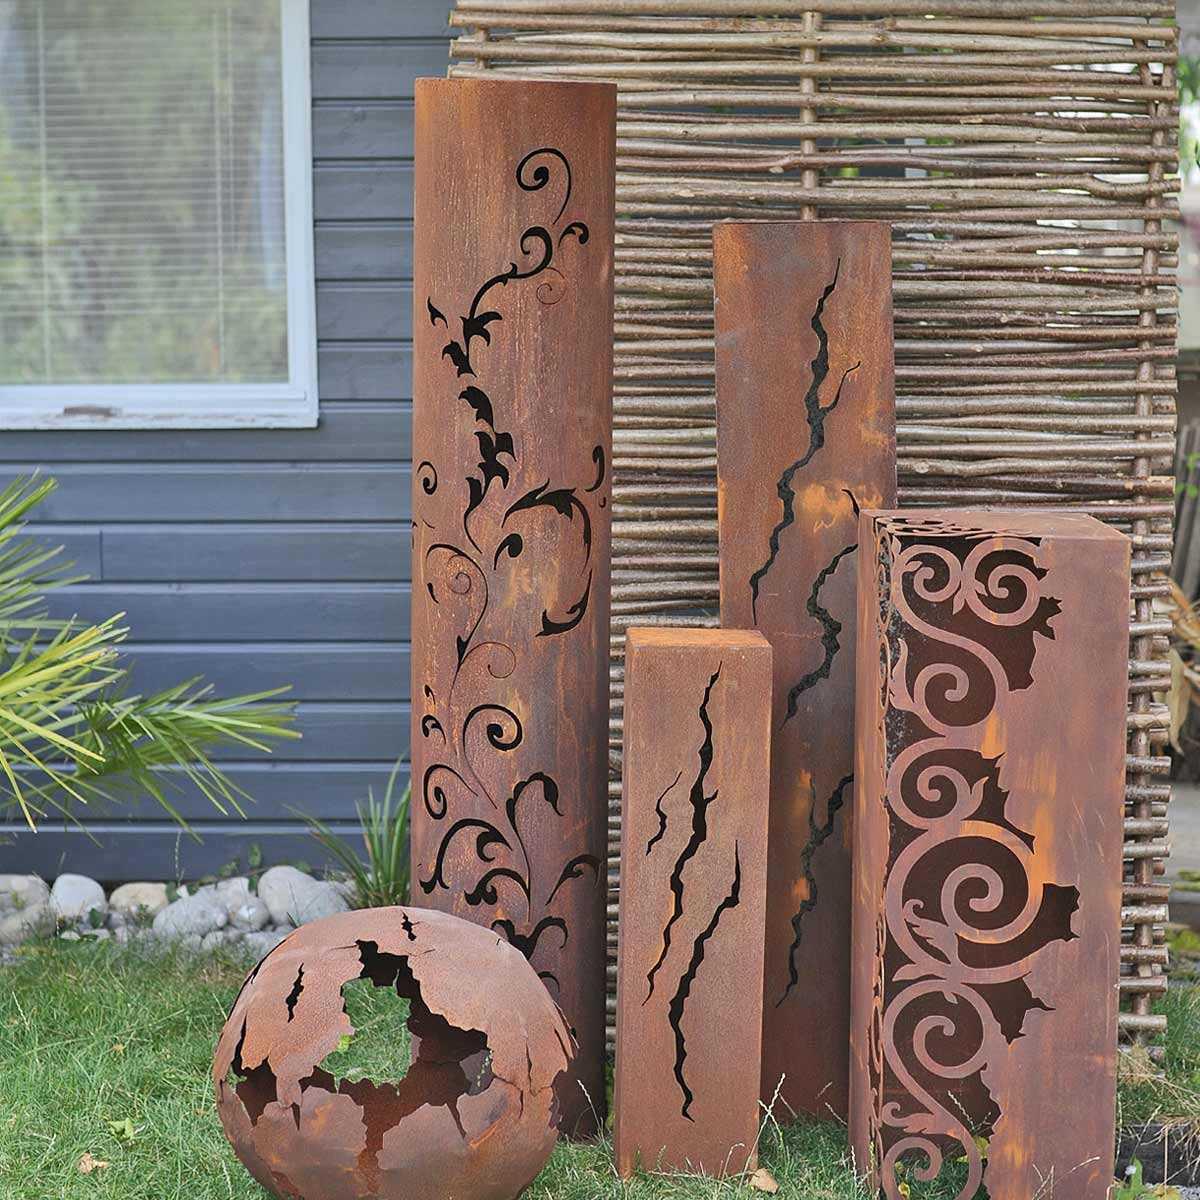 Colonnes Décoratives En Métal Pour Le Jardin intérieur Decoration Murale Pour Jardin